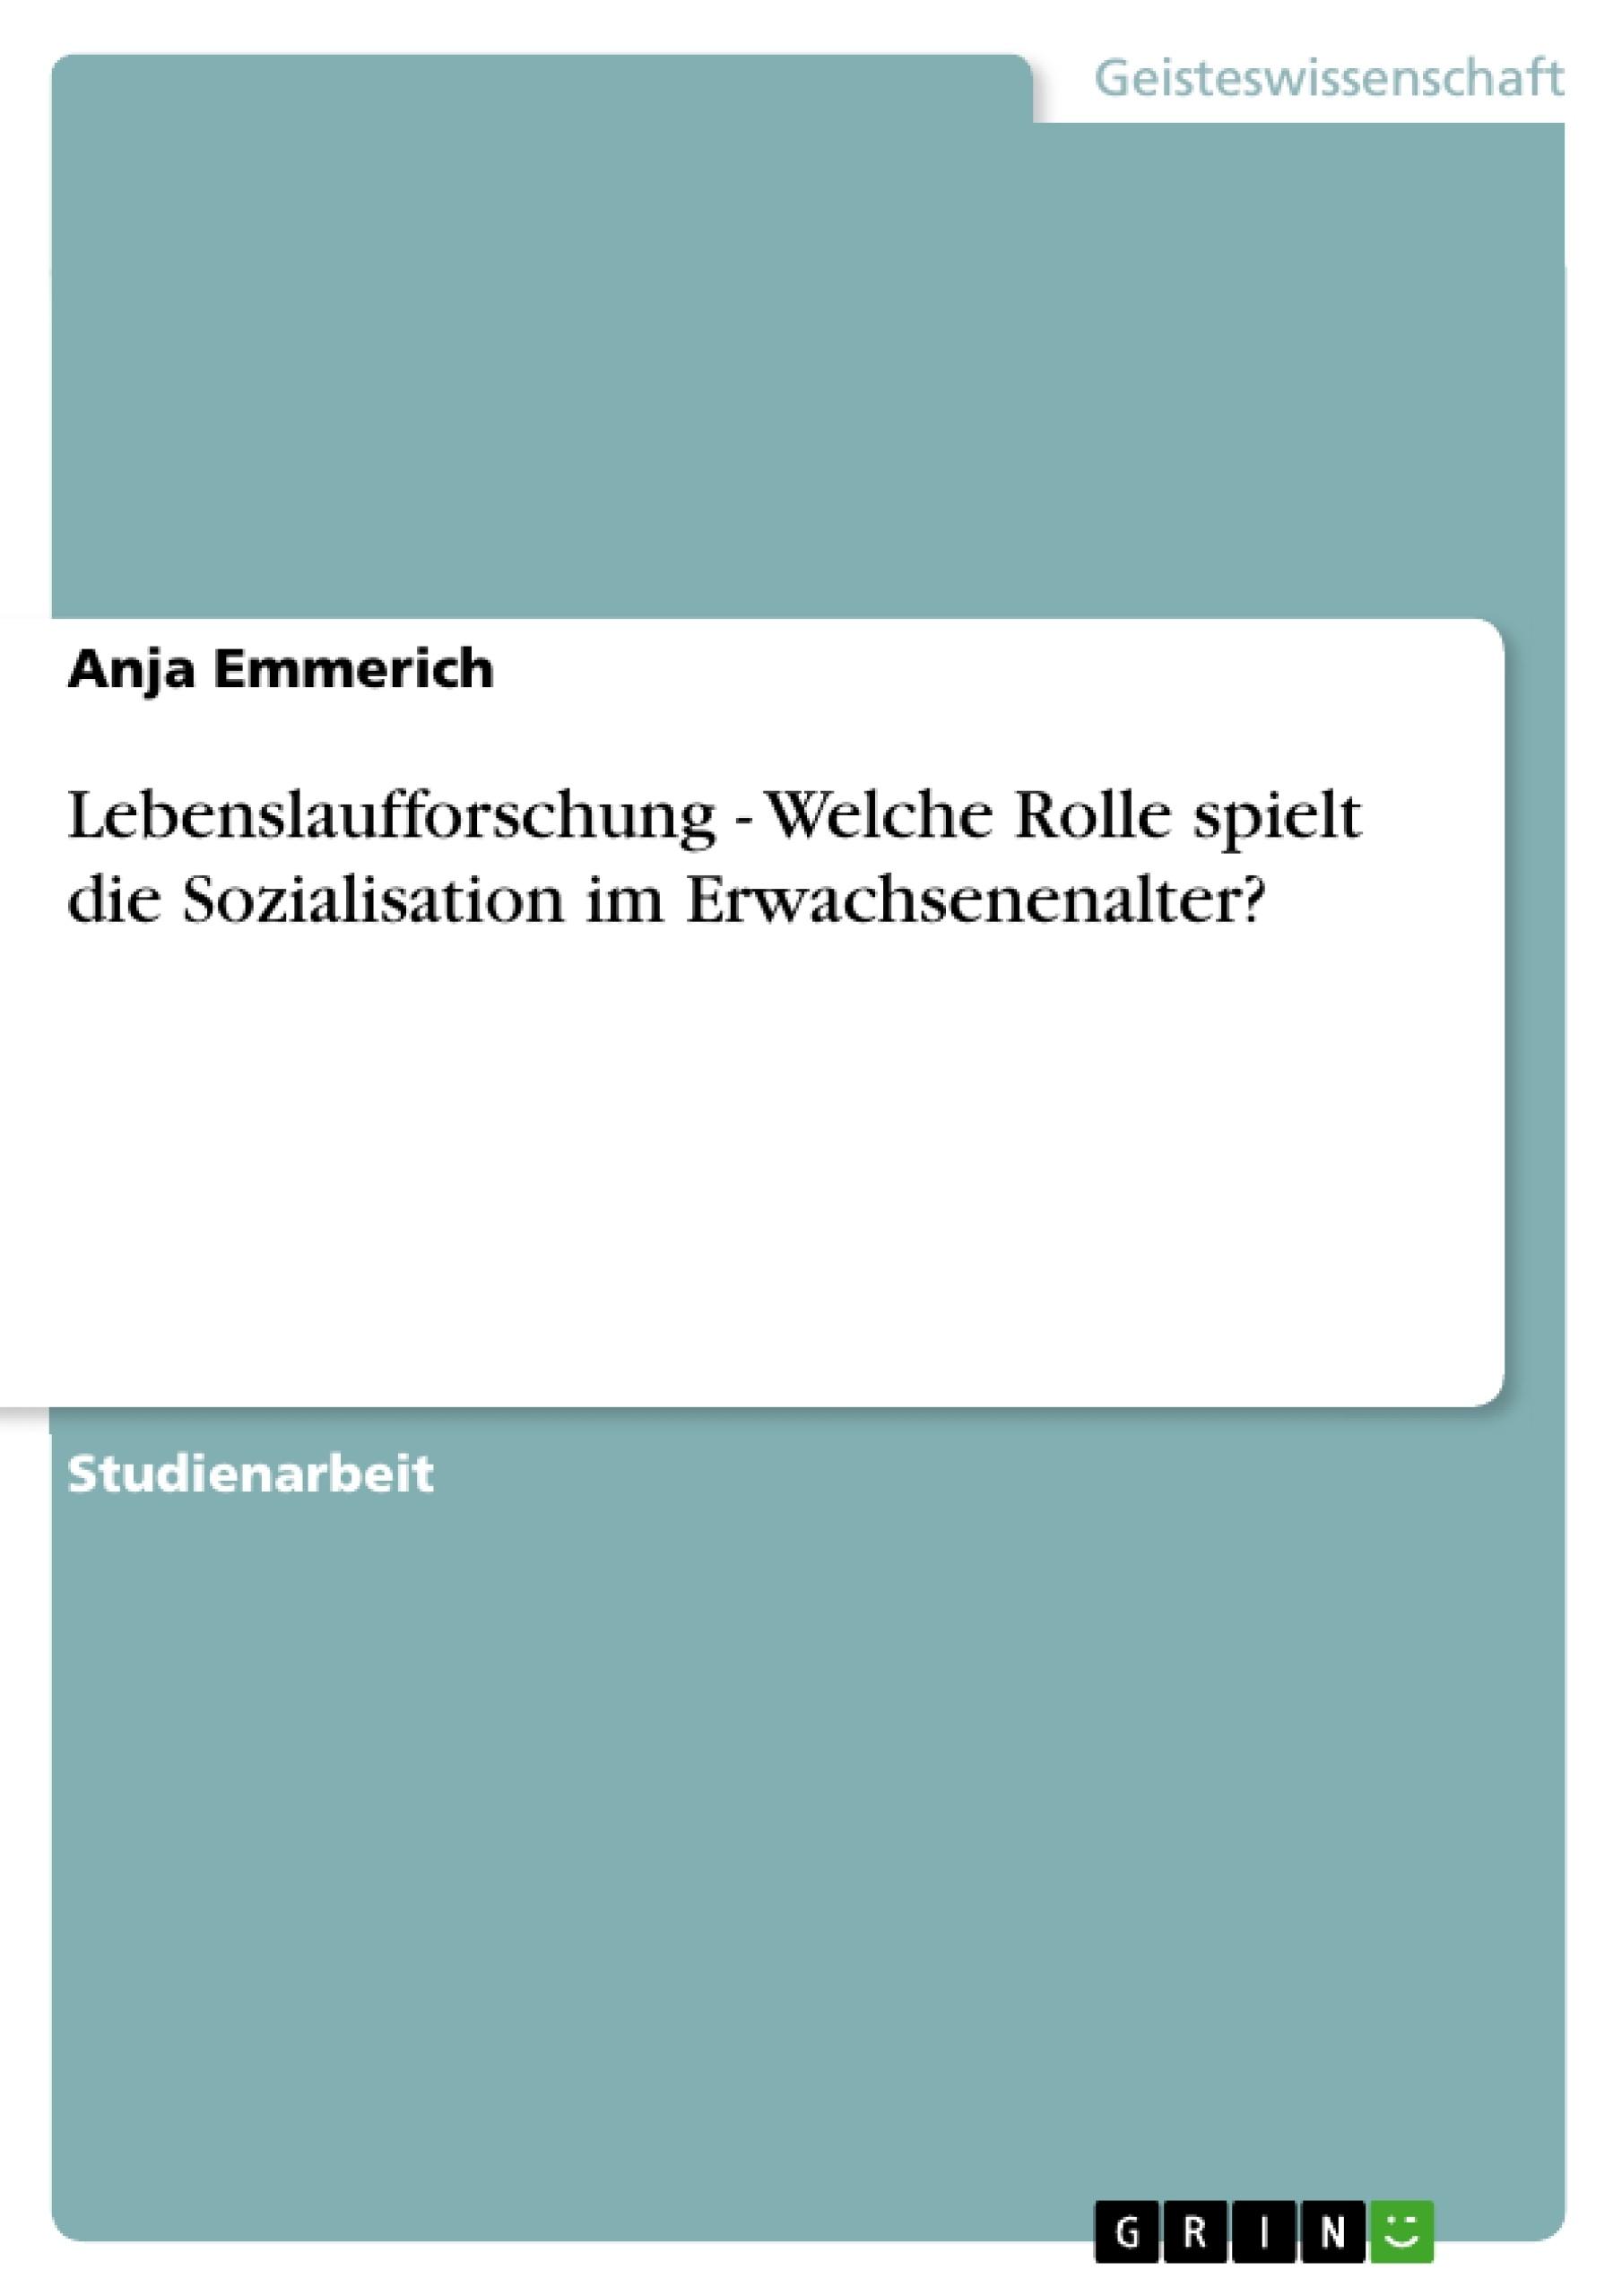 Titel: Lebenslaufforschung - Welche Rolle spielt die Sozialisation im Erwachsenenalter?